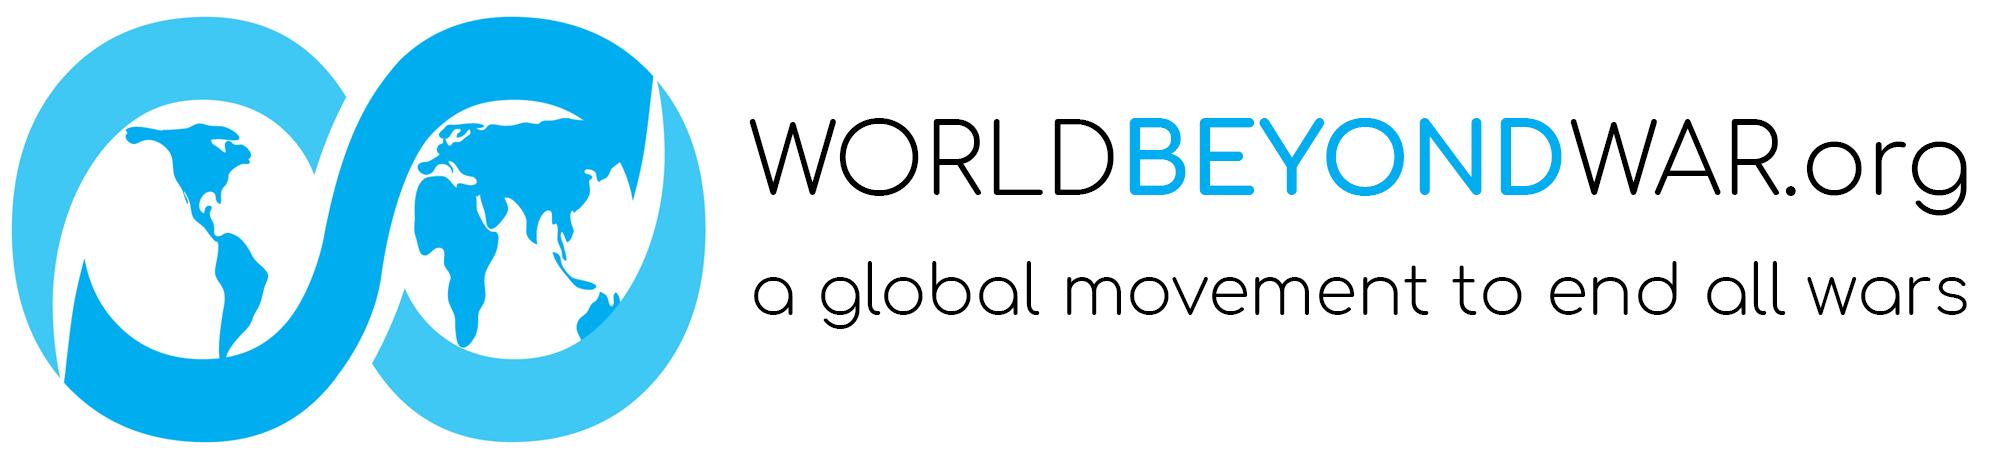 World Beyond War